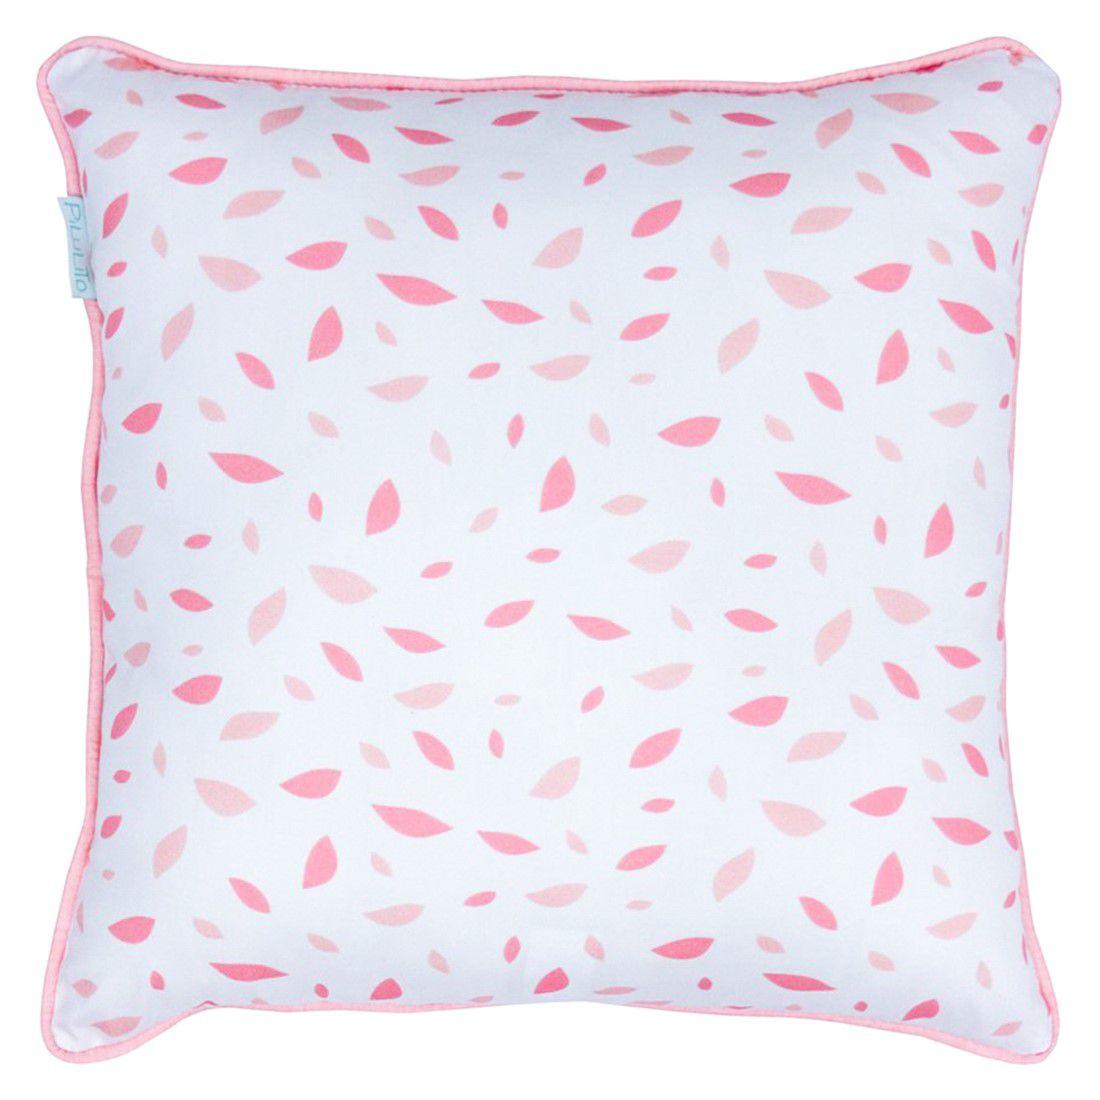 Capa de almofada 40x40cm chão de folhas rosa chá